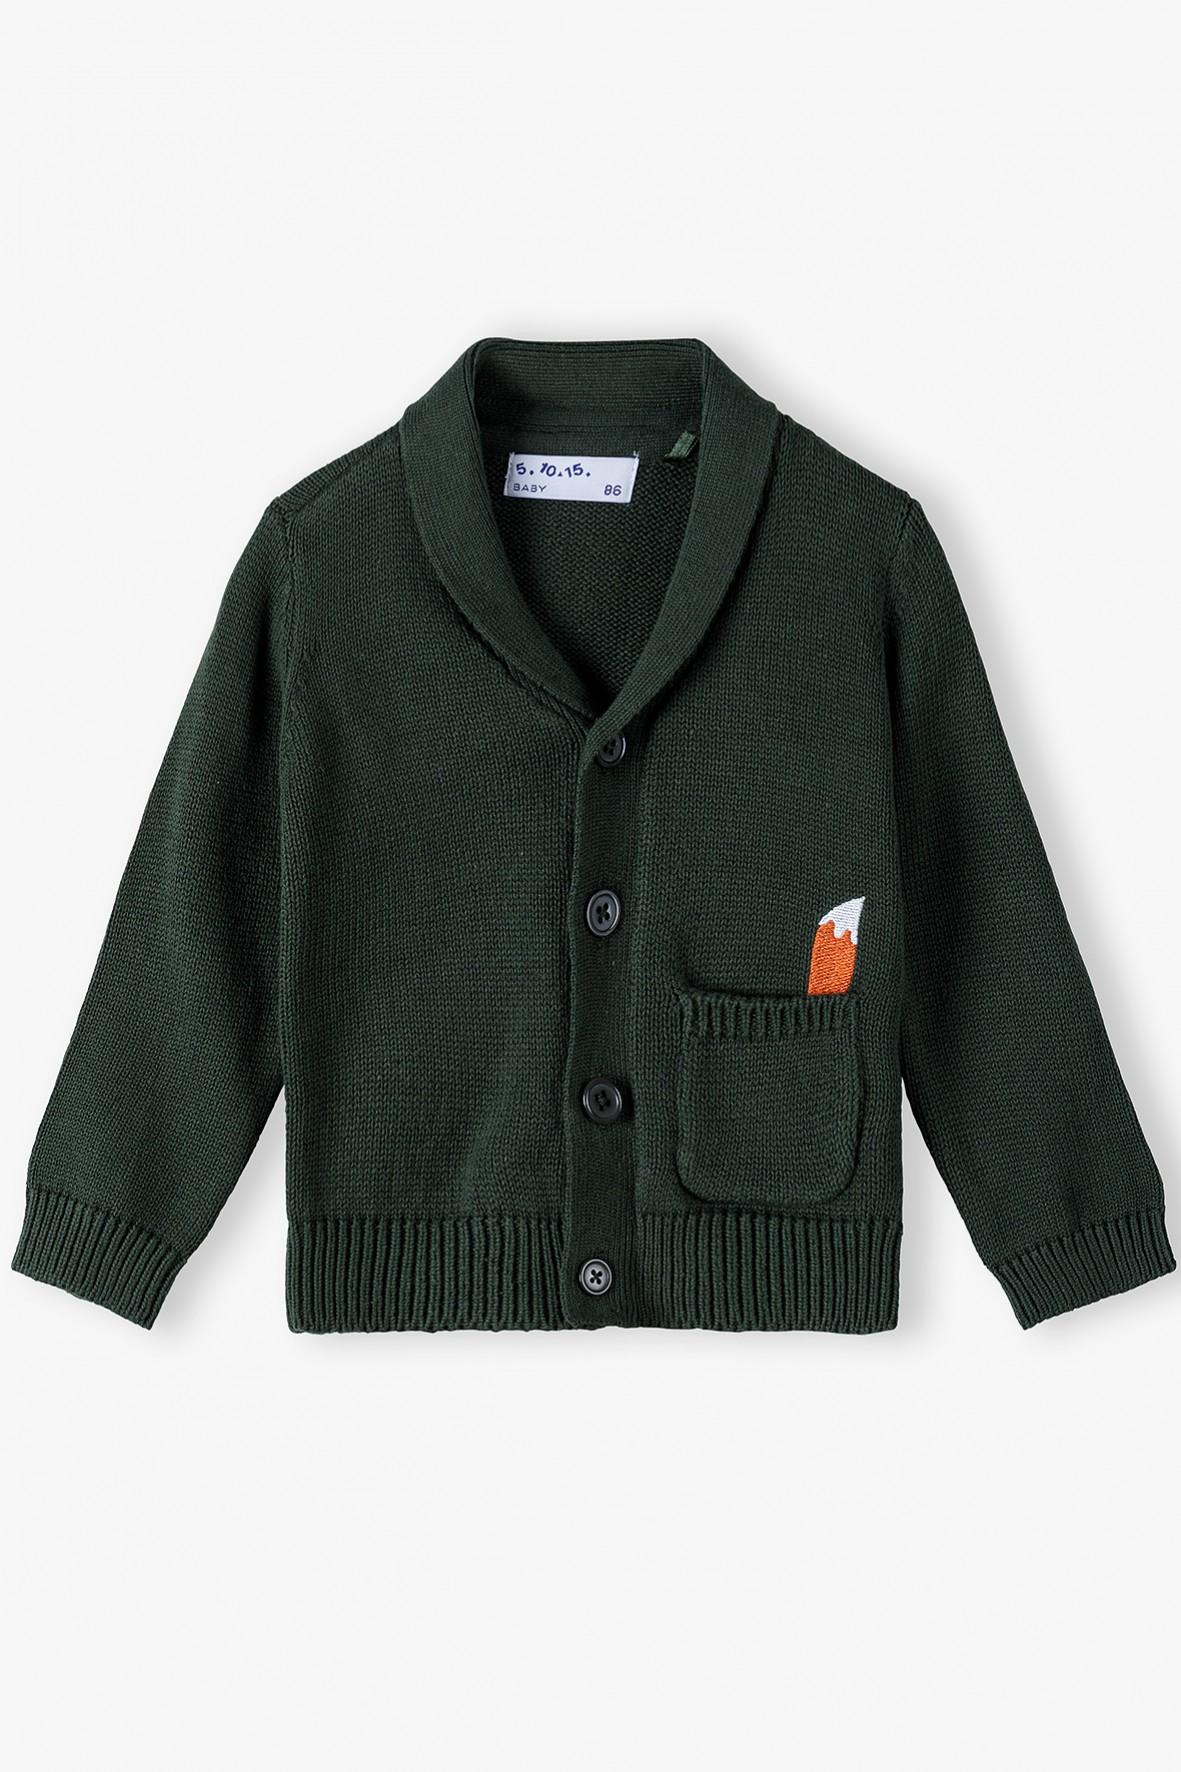 Bawełniany sweter niemowlęcy z guziczkami i kieszonką - ciemnozielony